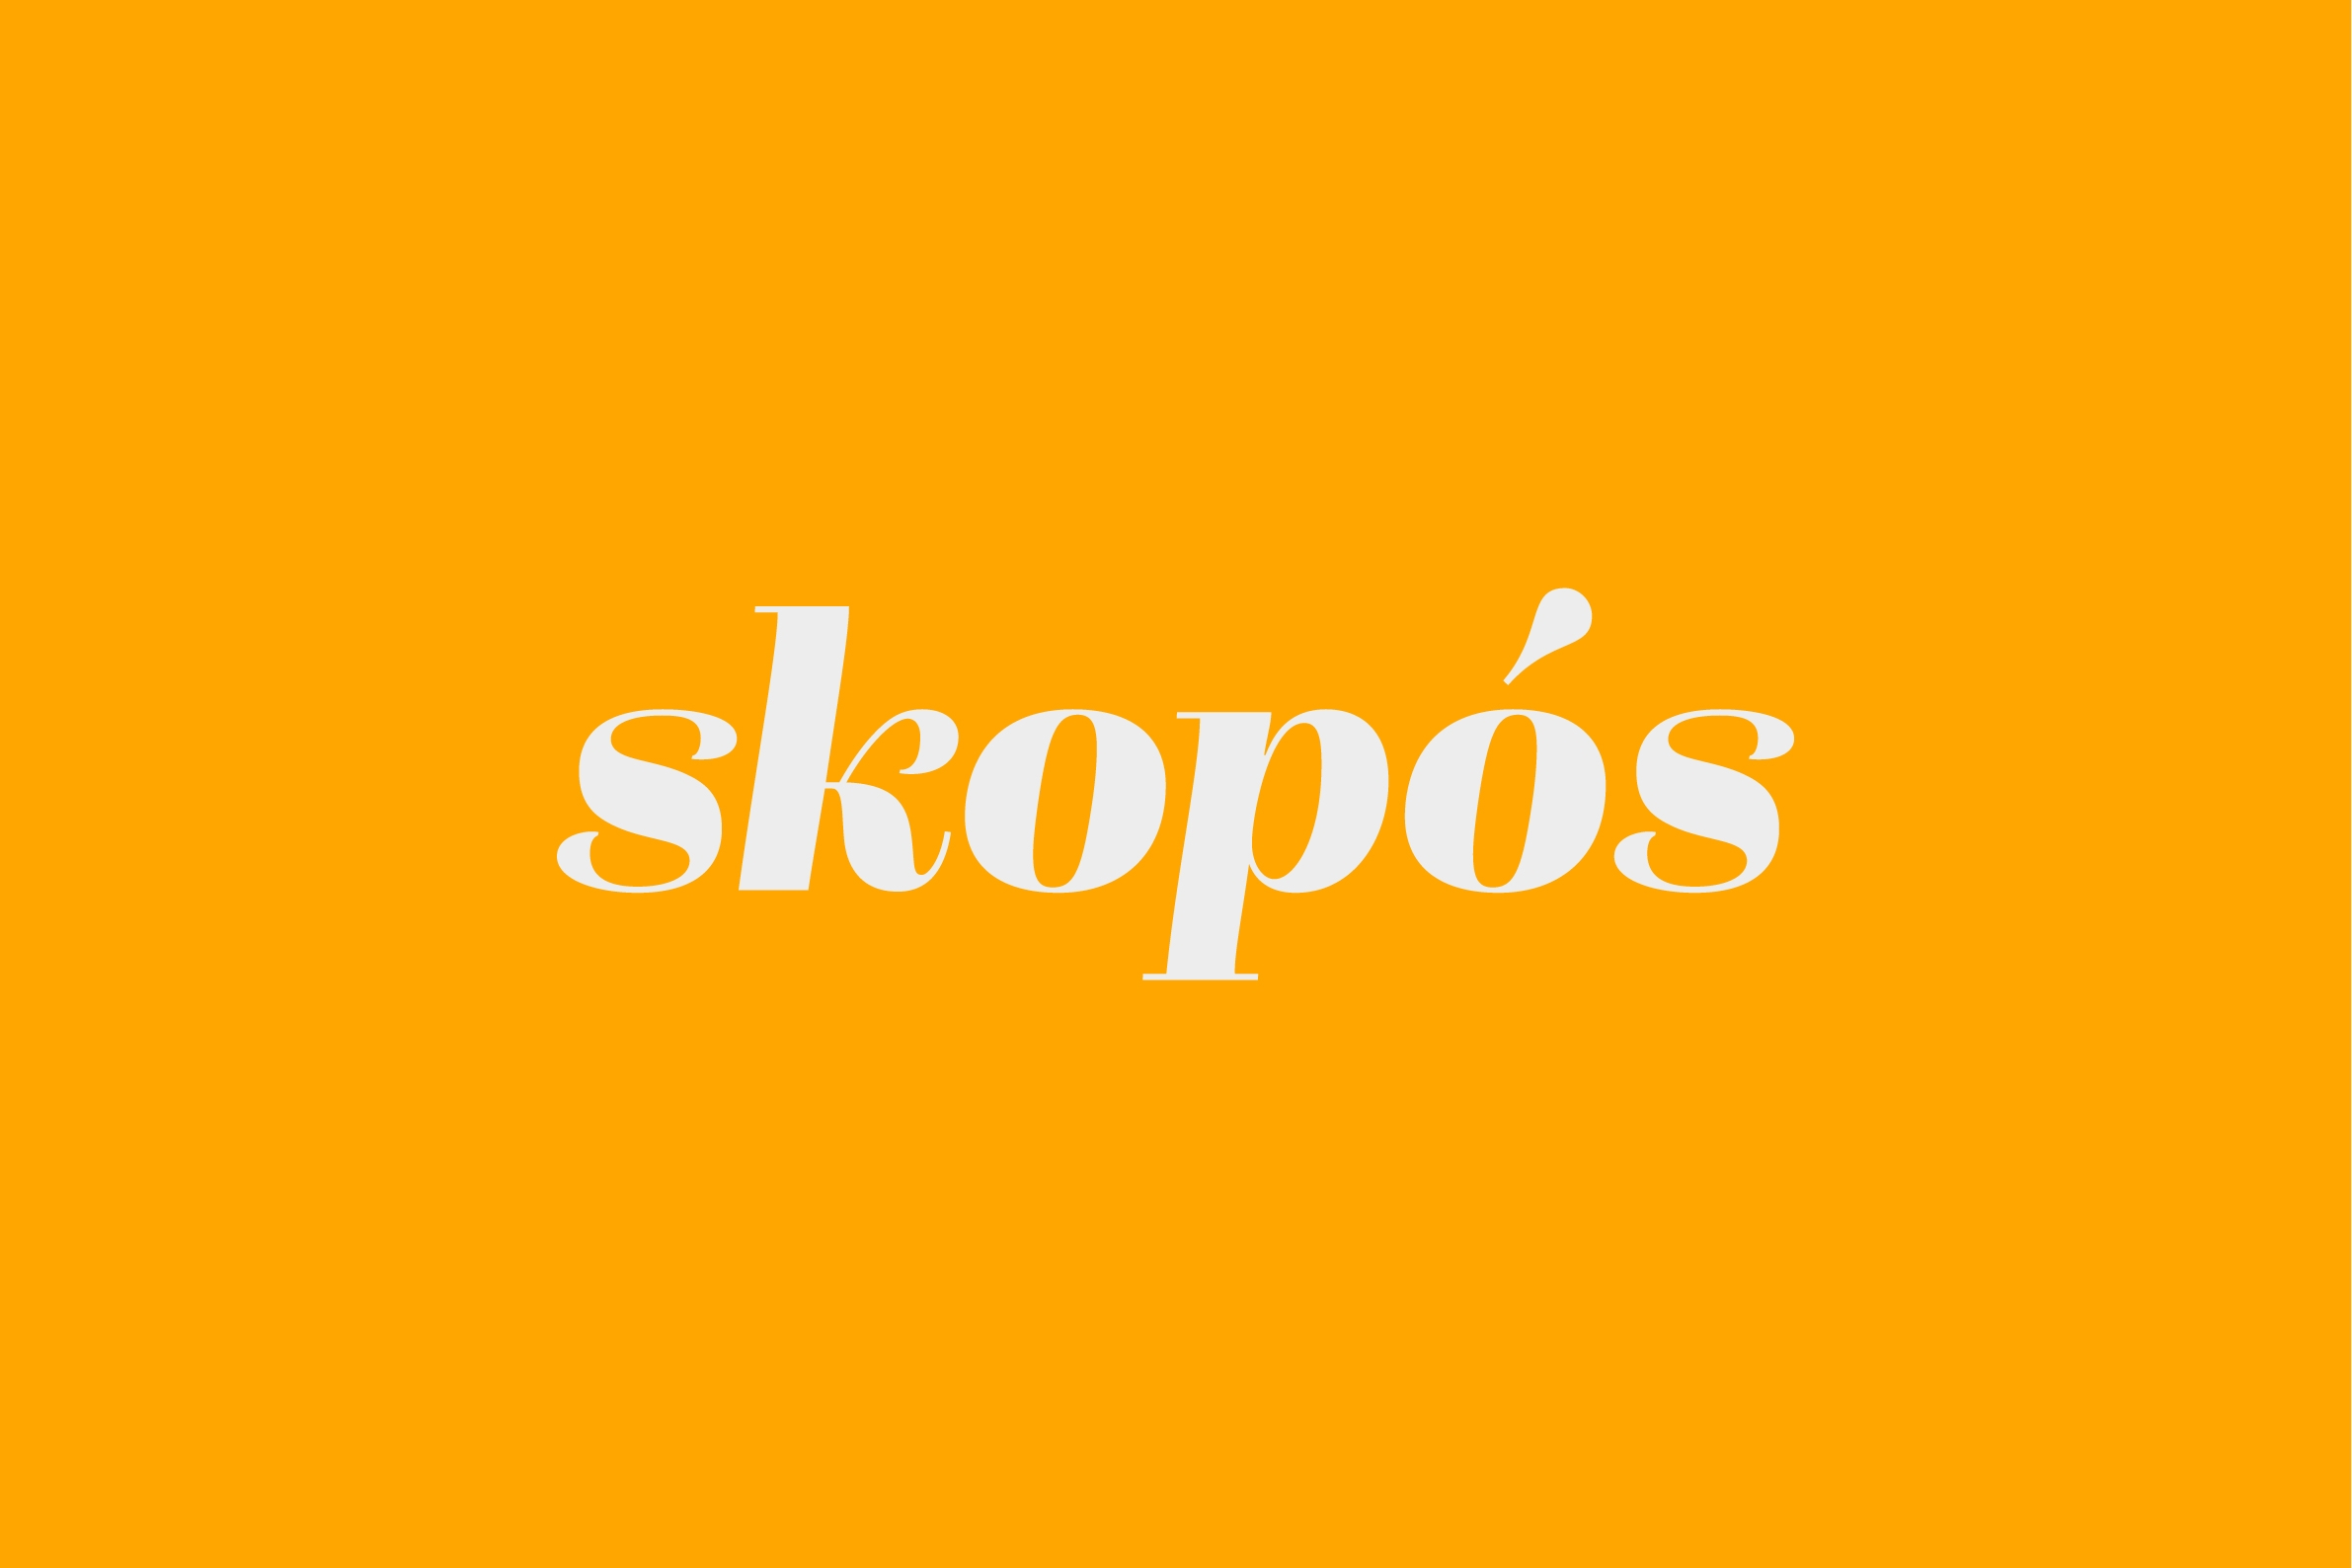 skopos-branding.jpg